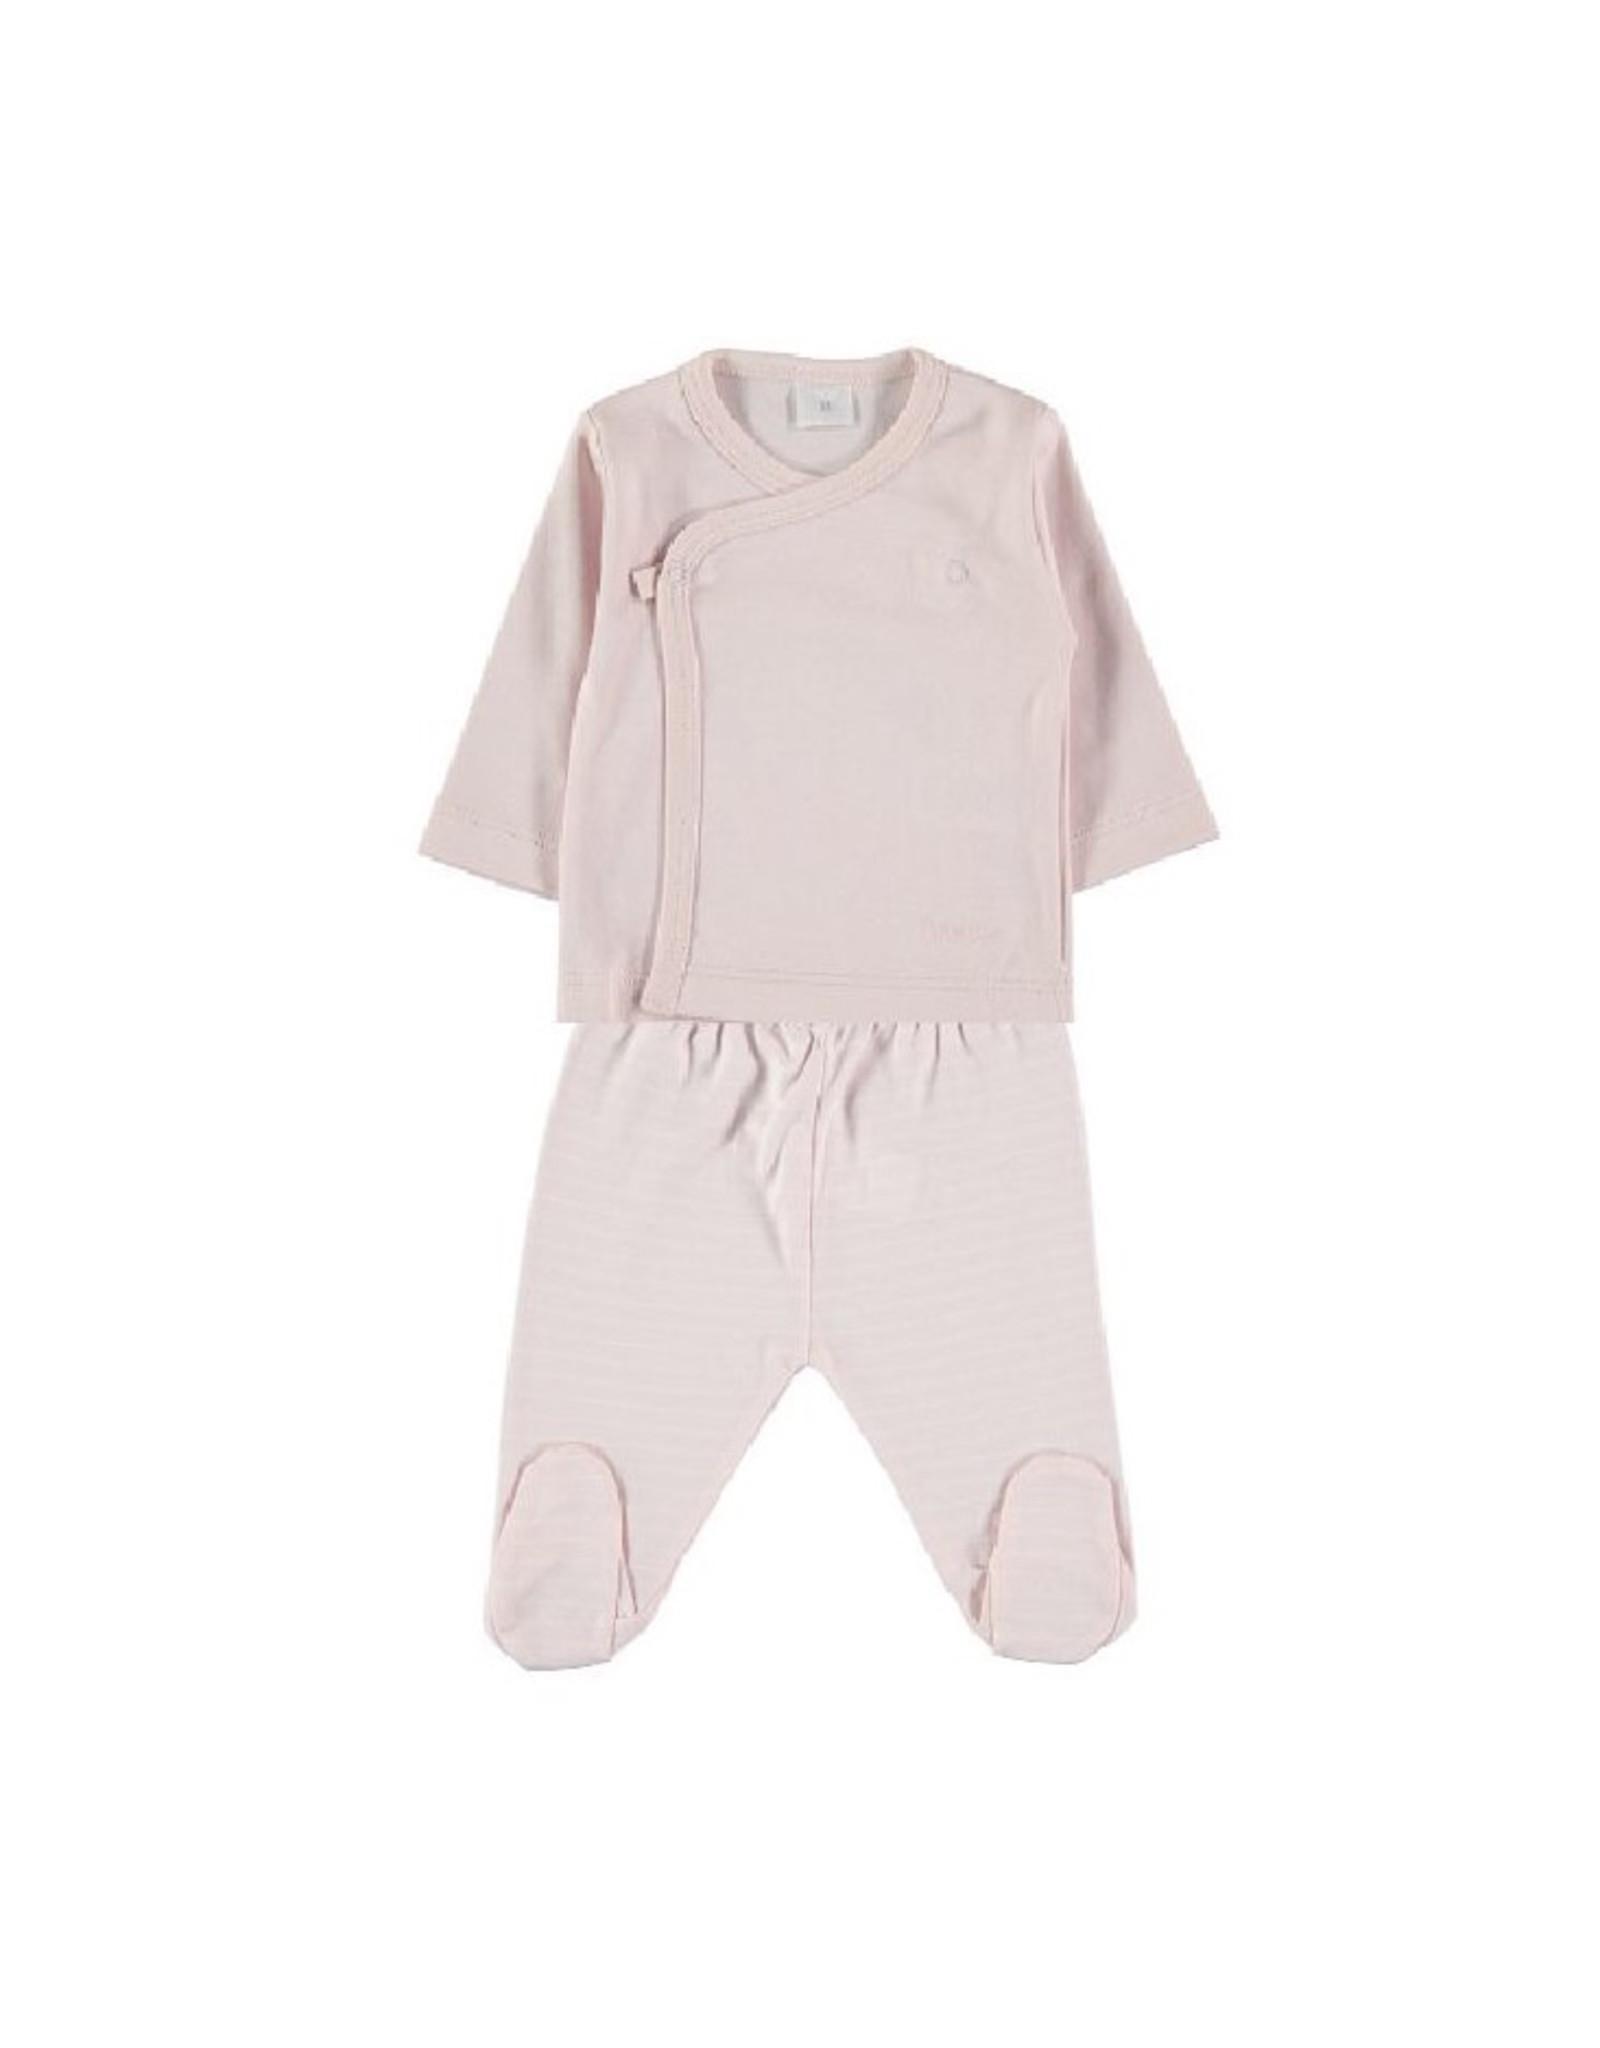 PETIT OH! Pink Baby Set